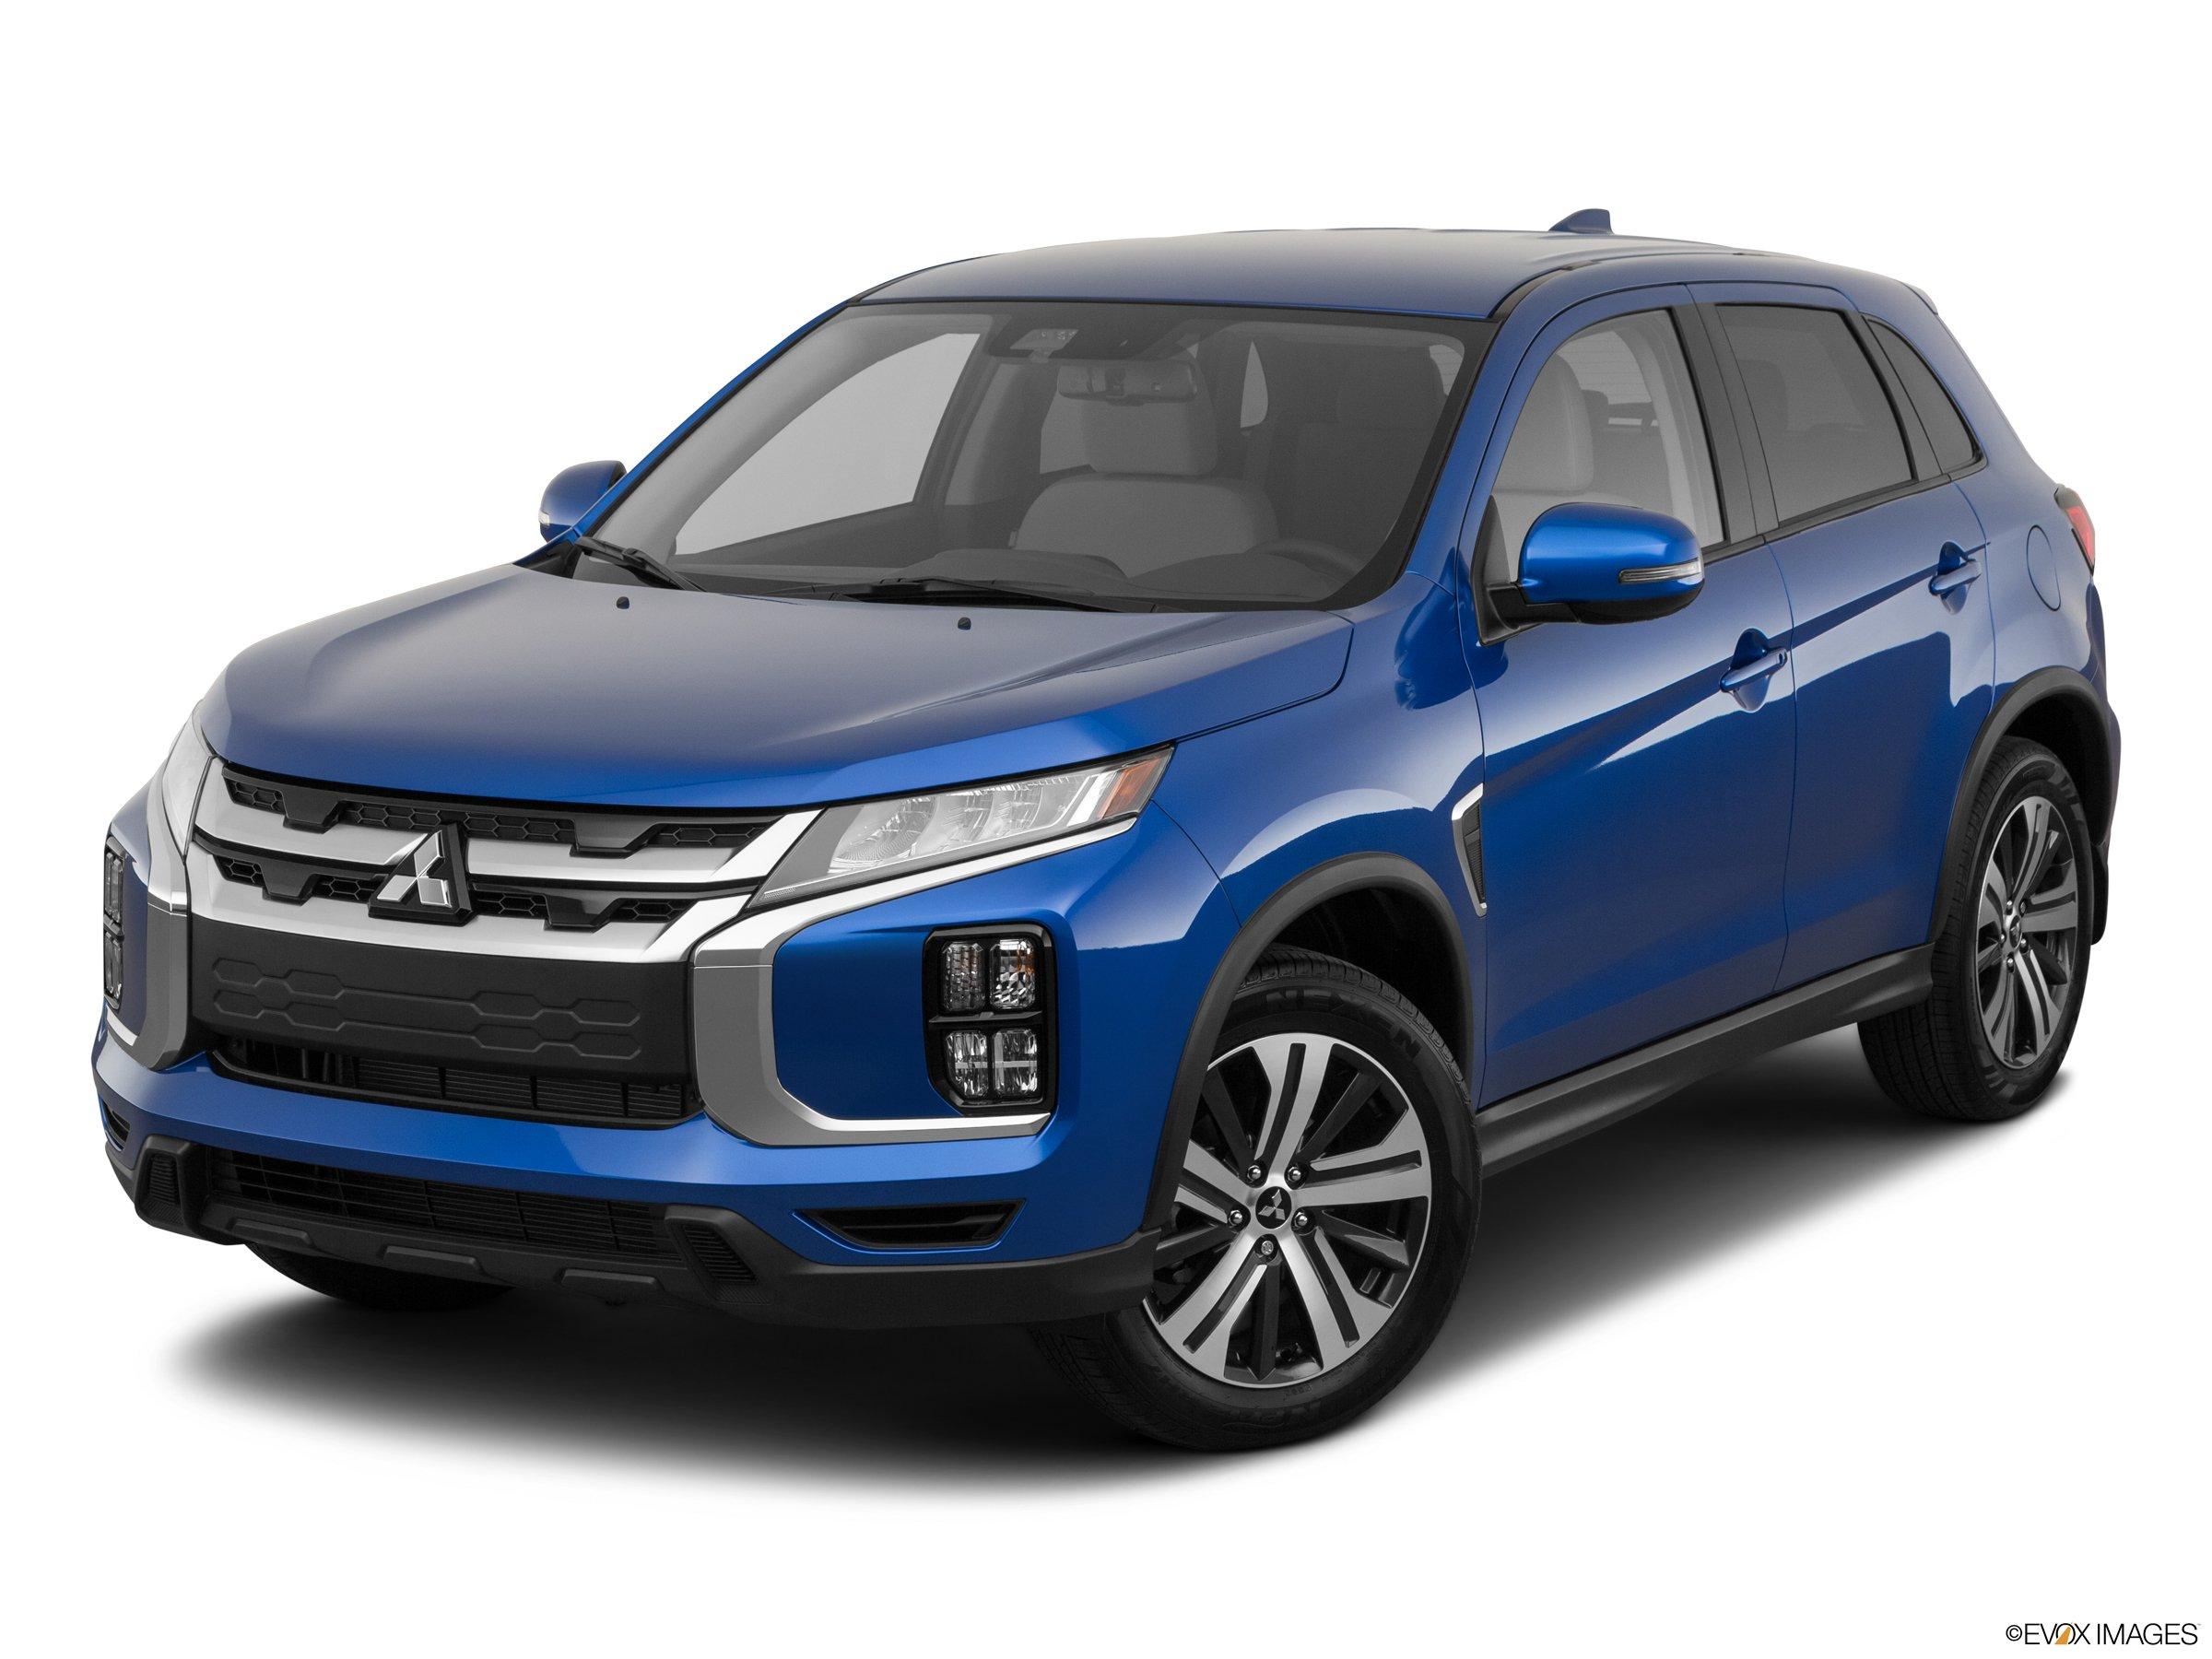 2020 Mitsubishi Outlander Sport SE 2.0 FWD CUV